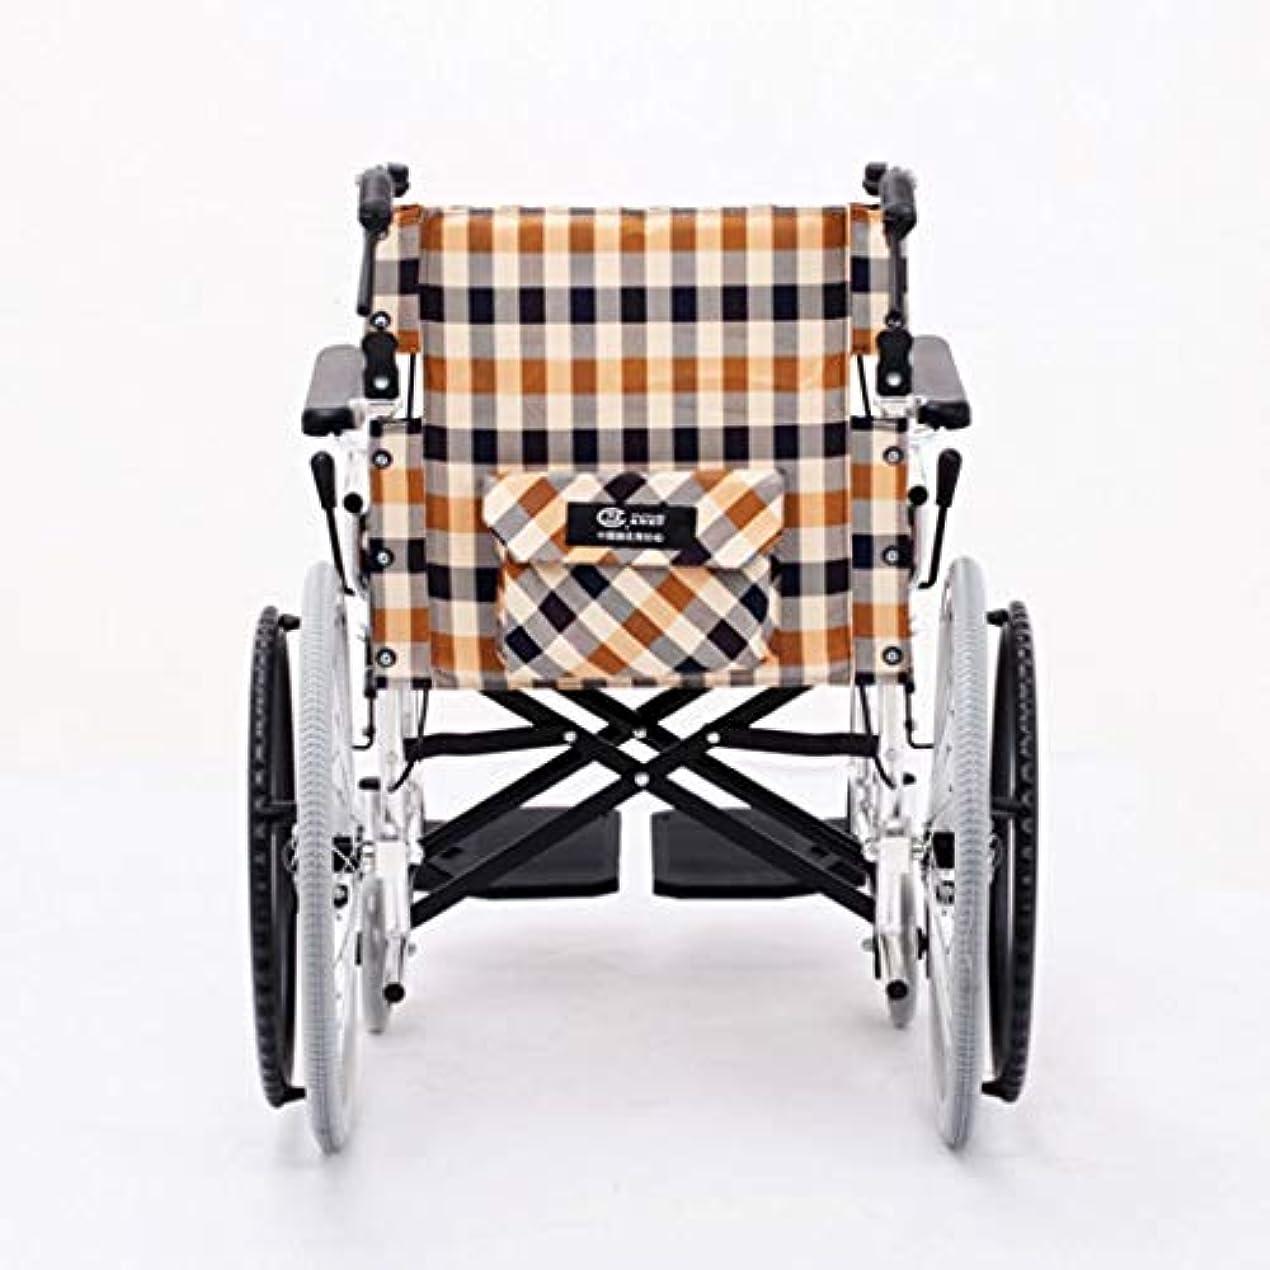 味わう砂ながら車椅子のアルミニウムフレームの障害者、高齢者およびリハビリテーションの患者のための高齢者の携帯用旅行車椅子